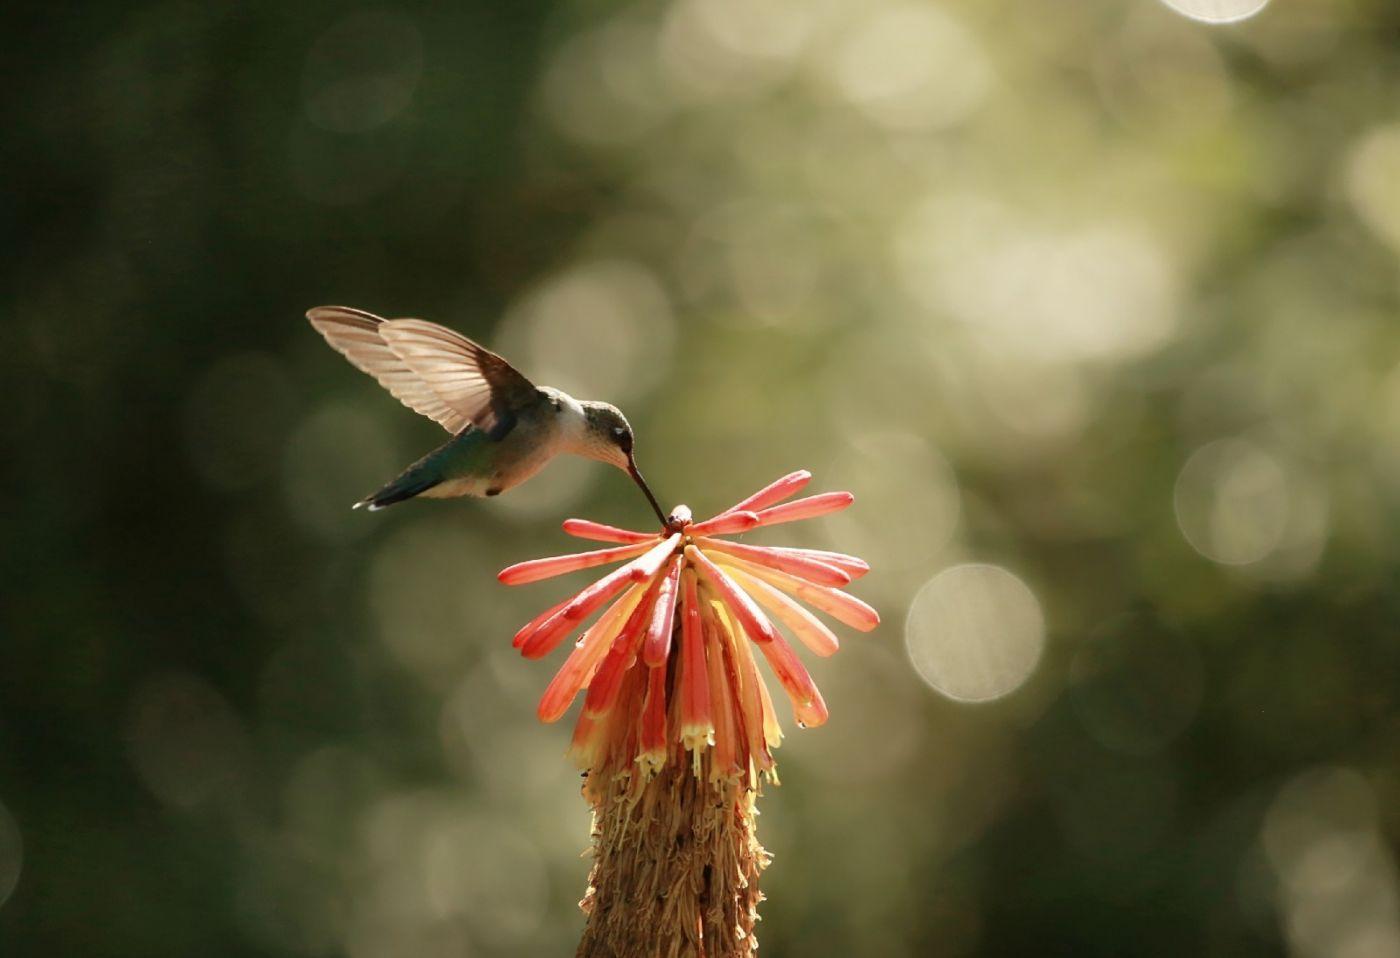 【田螺摄影】在纽约city找蜂鸟拍不难_图1-18